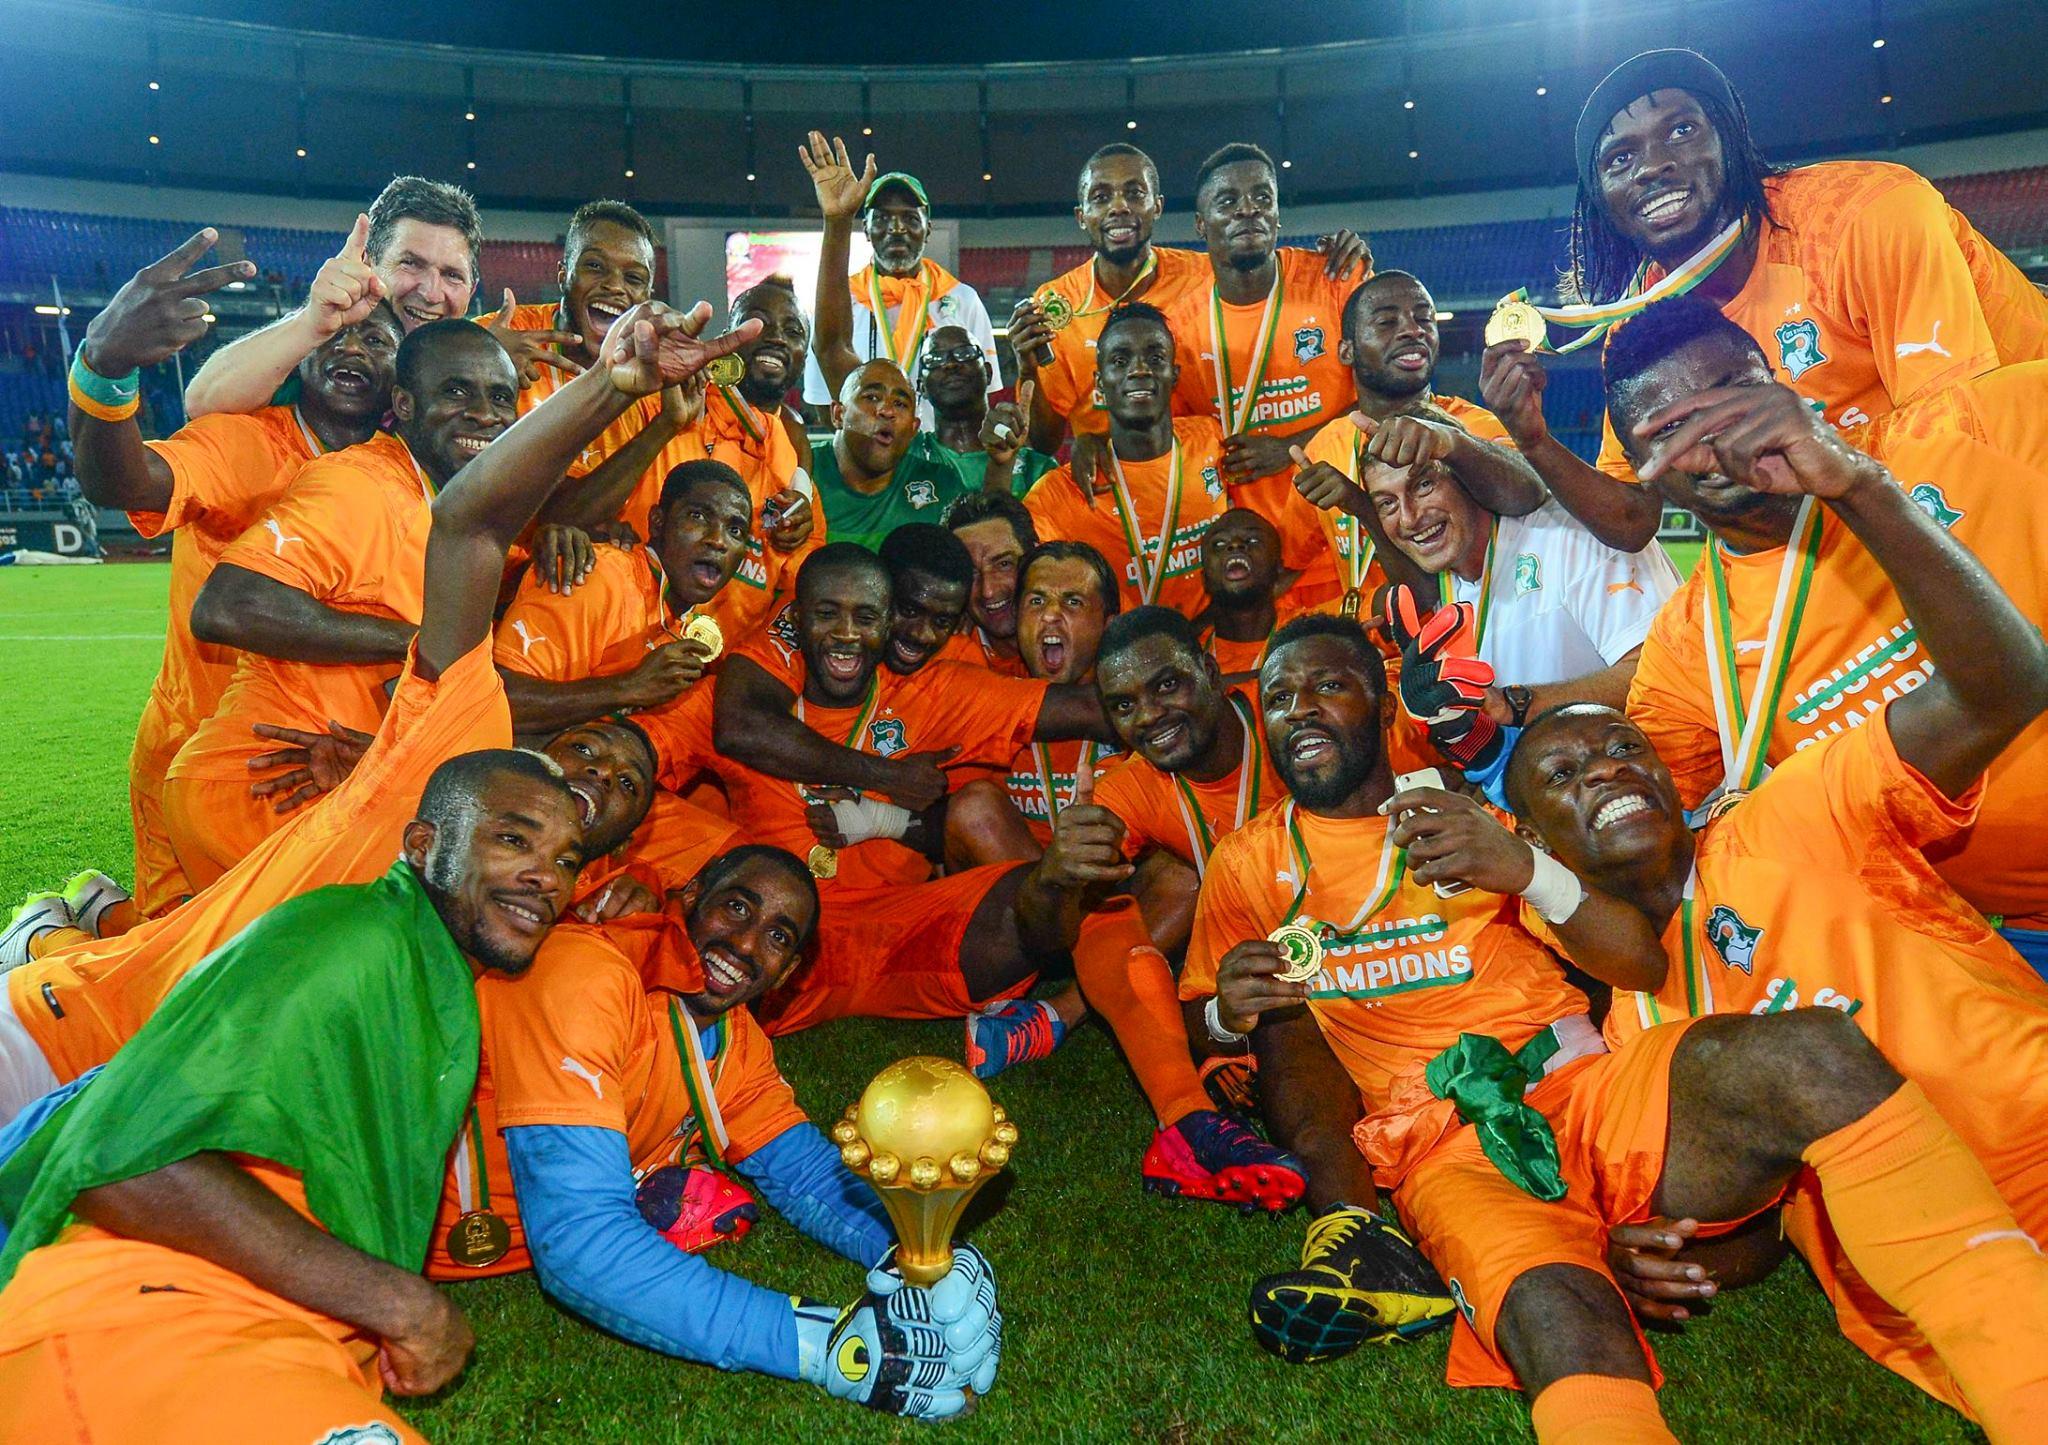 équipe foot cote d'ivoire